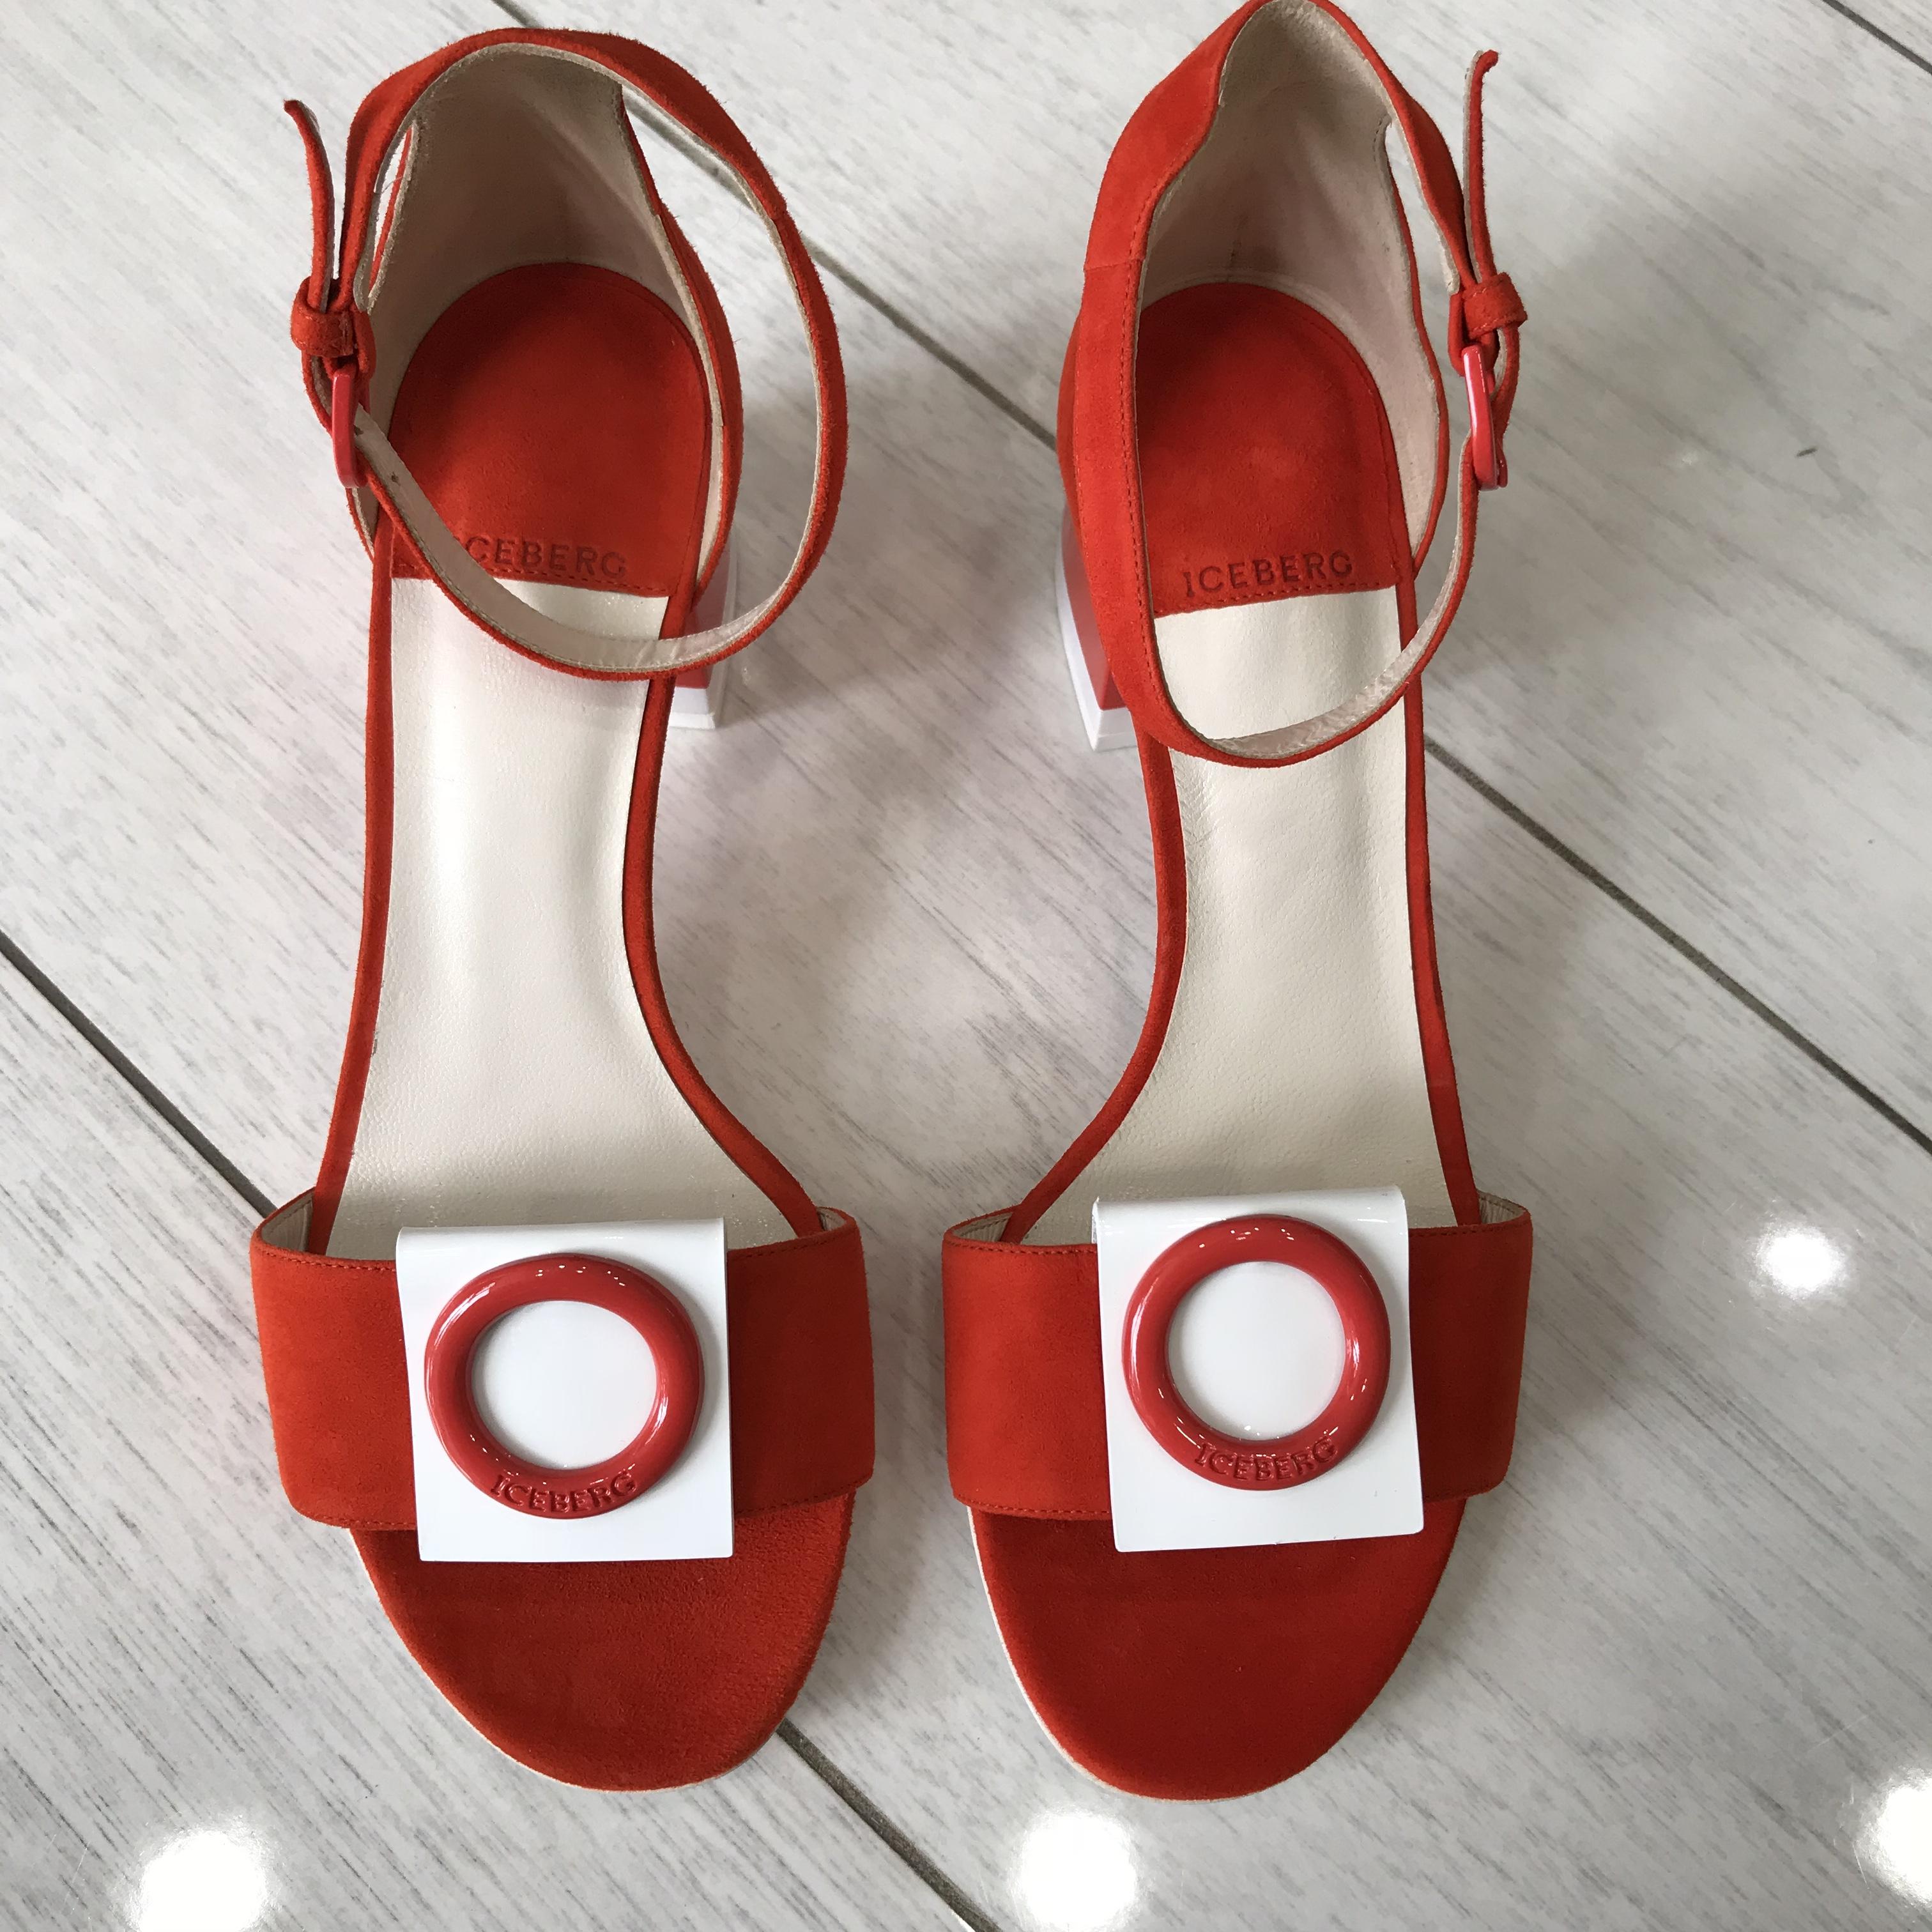 Головна - Усі товари - Жіночий одяг - Взуття - Босоніжки f3ade470a1f83